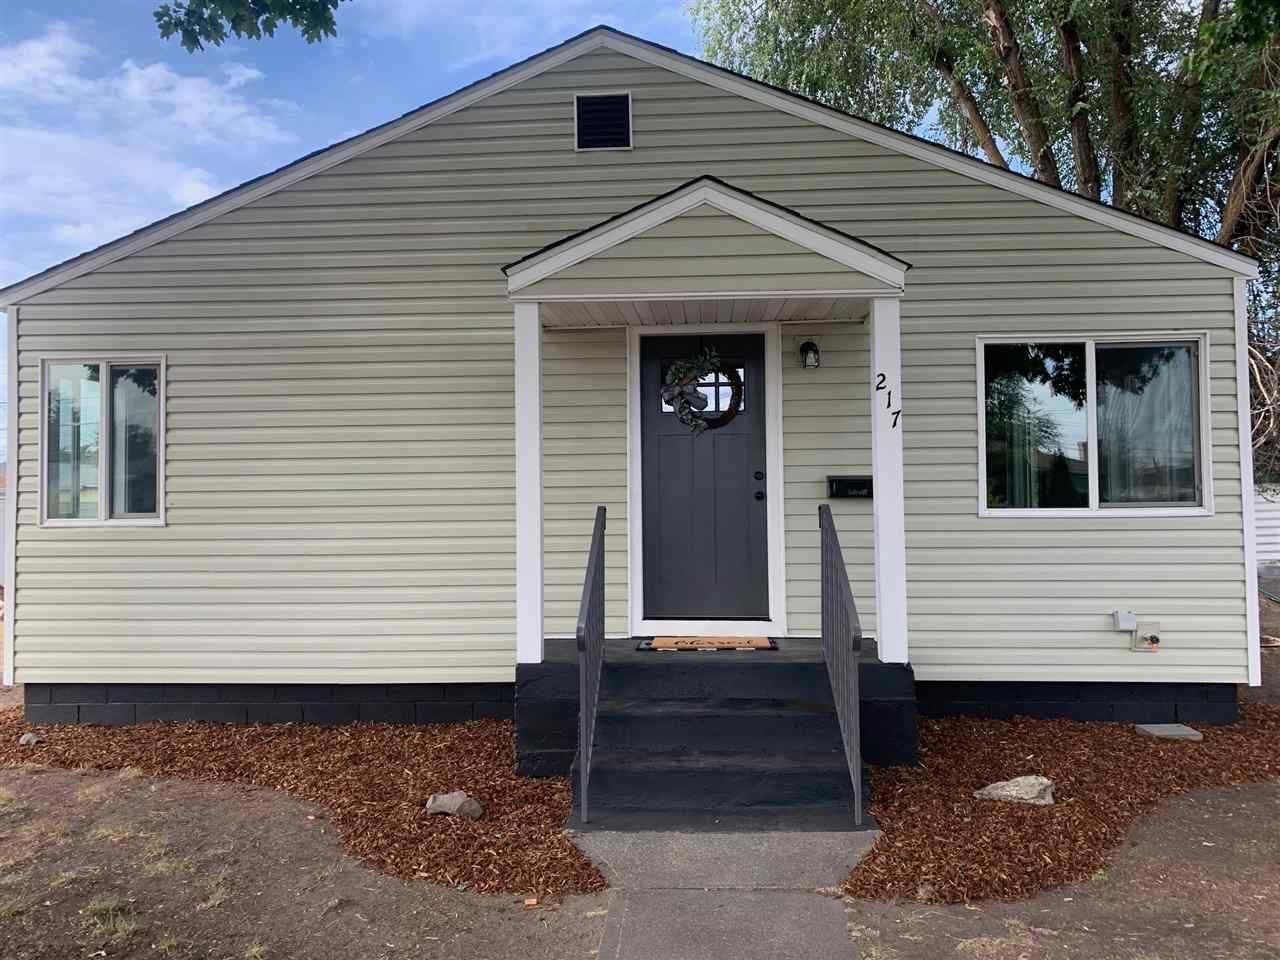 217 E longfellow Ave, Spokane, WA 99207 - #: 202021340